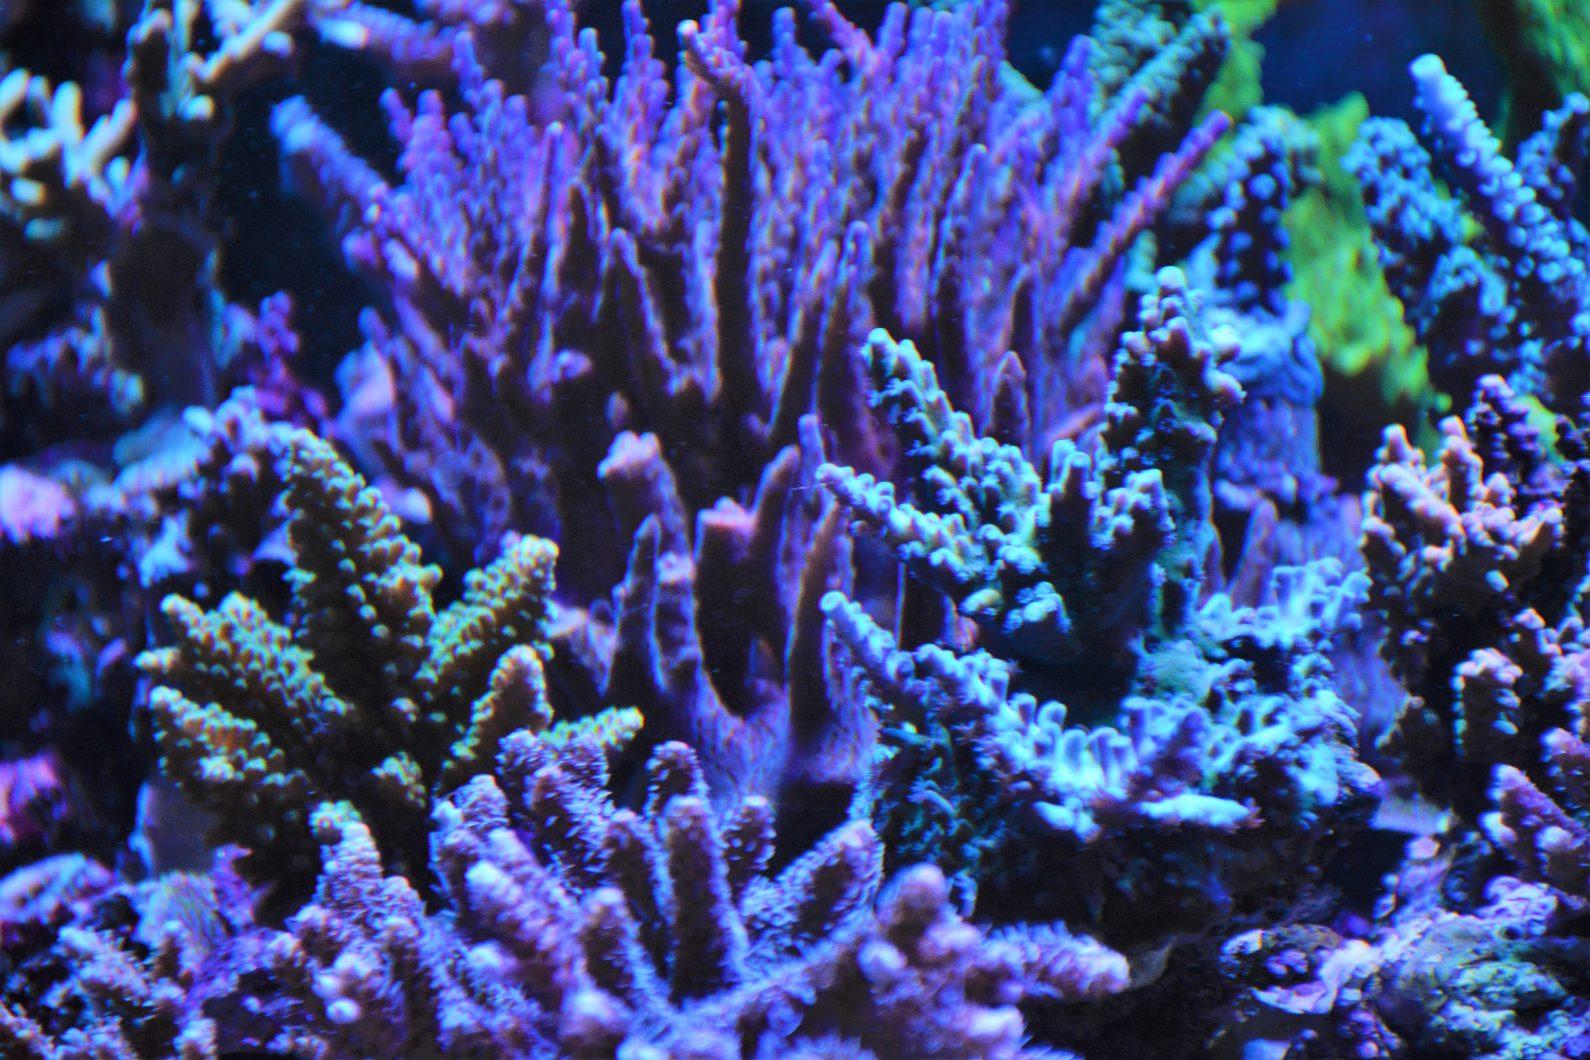 الأرجواني sps المصابيح المرجانية البوب